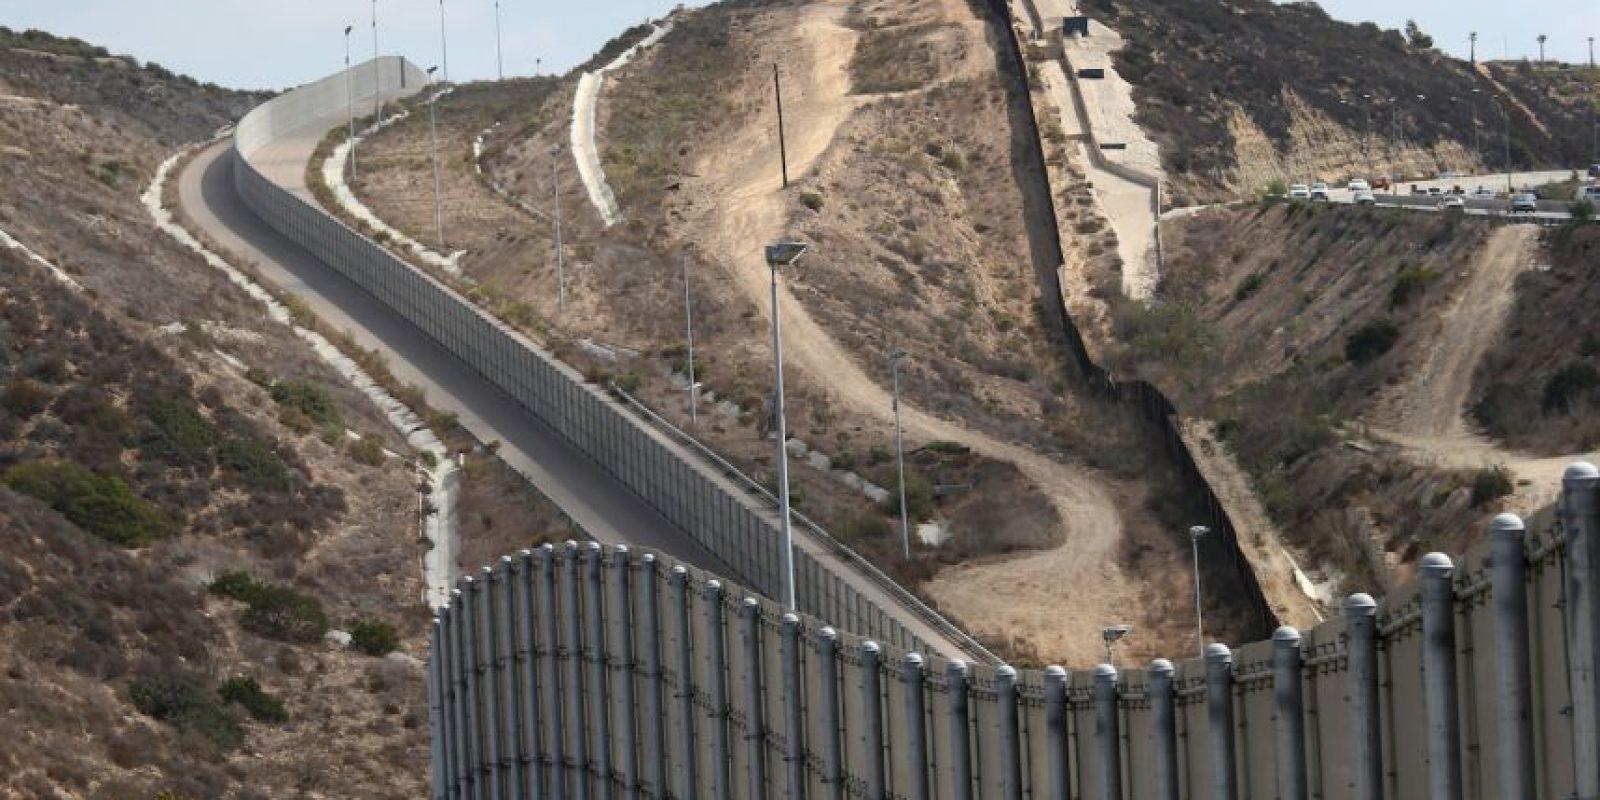 Son Ciudad Juárez en Chihuahua, Tijuana y Mexicali en Baja California. Foto:Getty Images